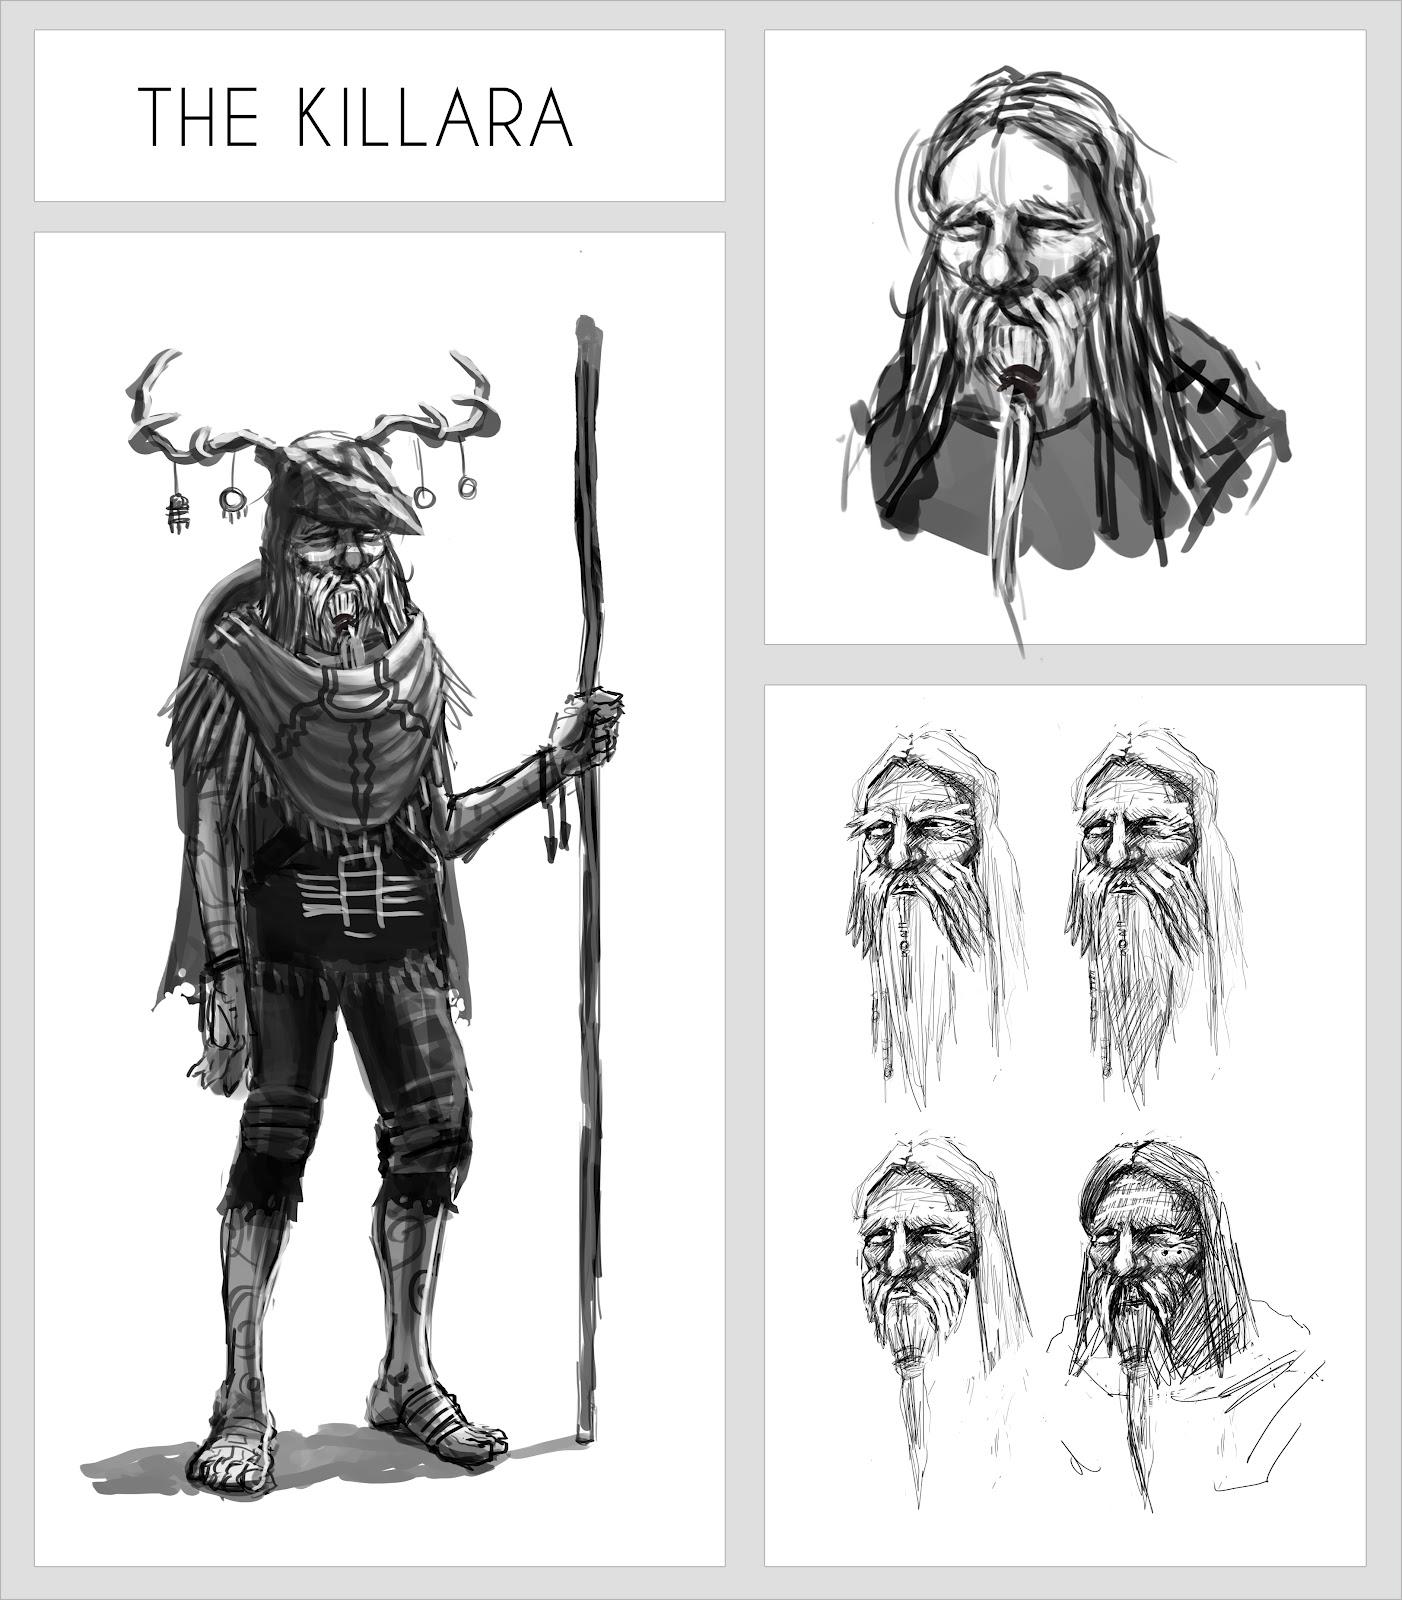 The Killara